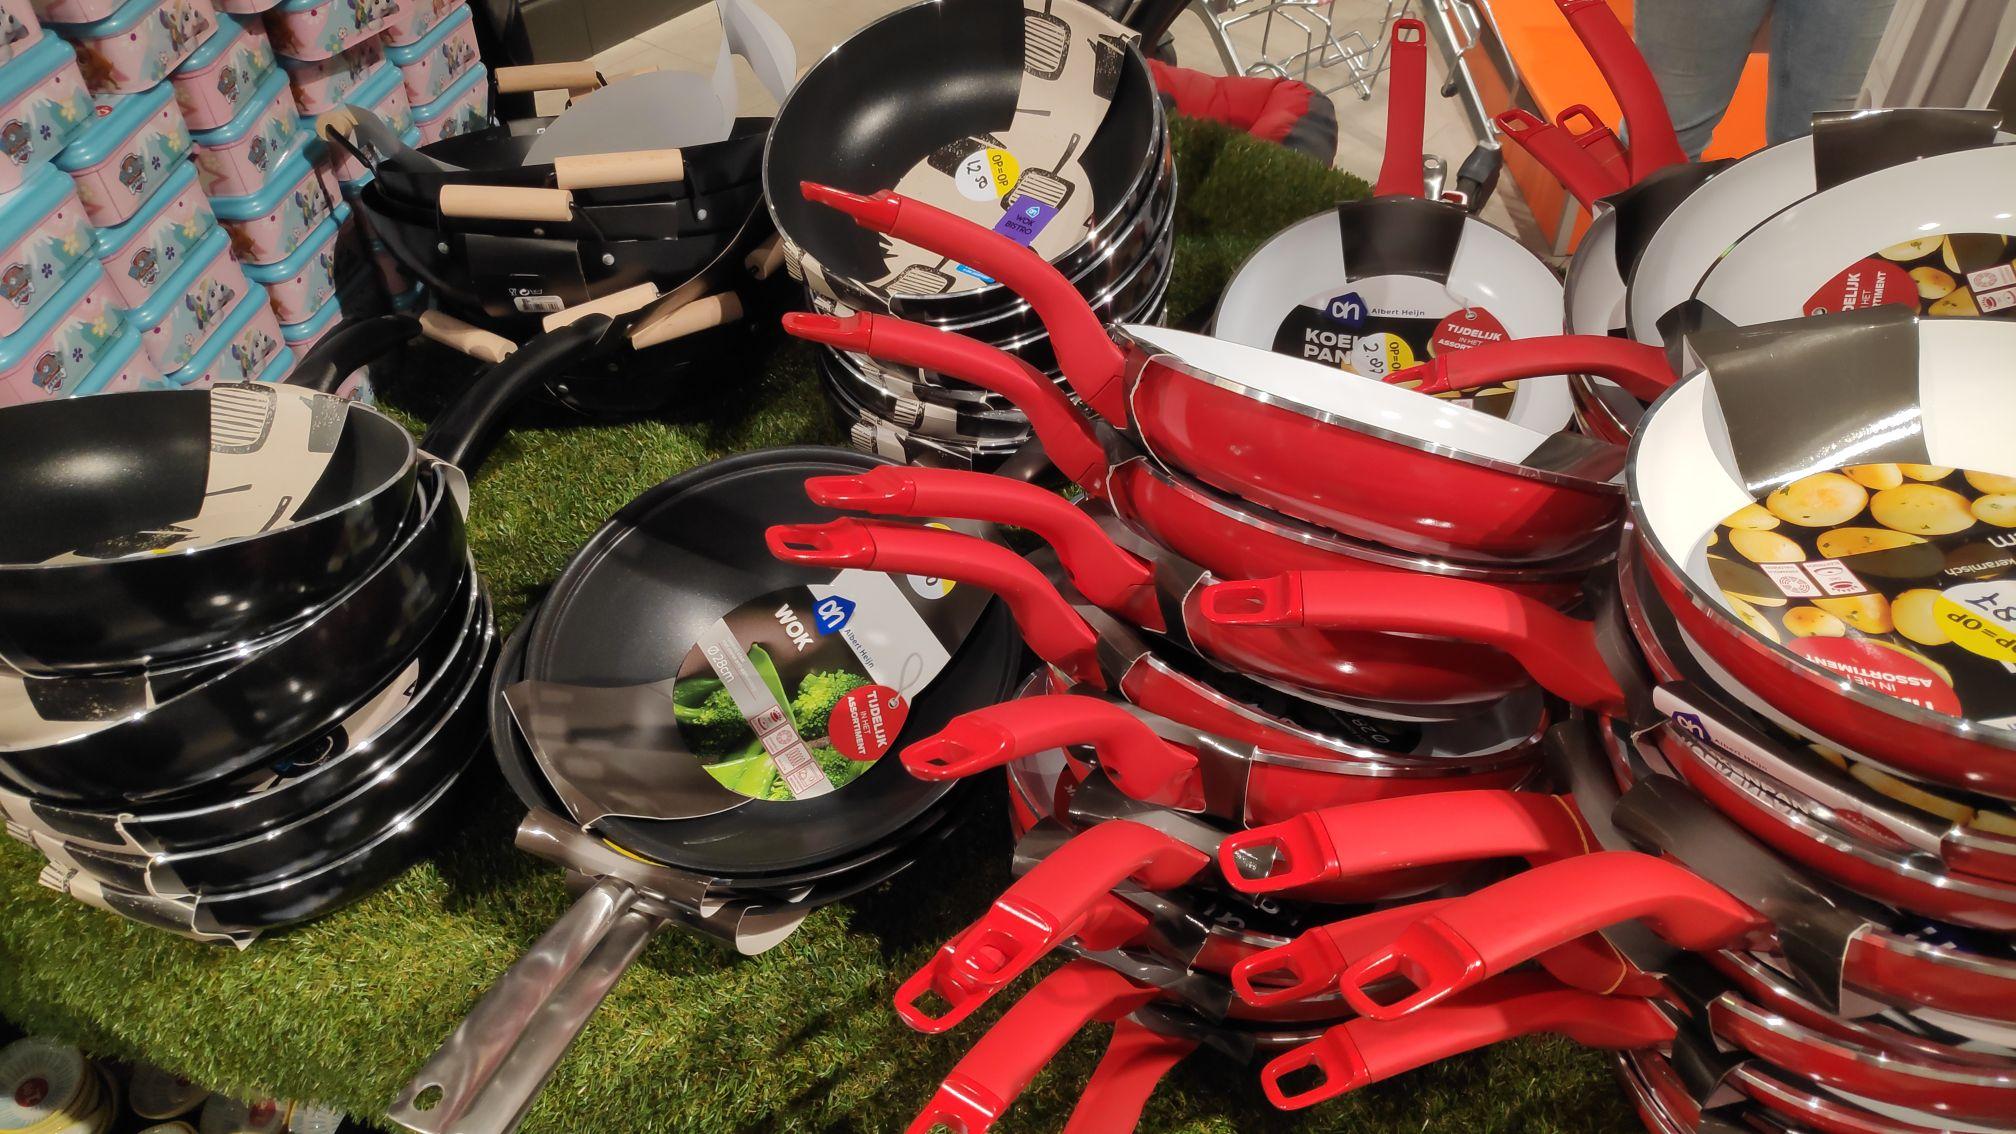 [Lokaal?] Keramische pan voor €2,87, wokpannen vanaf €5